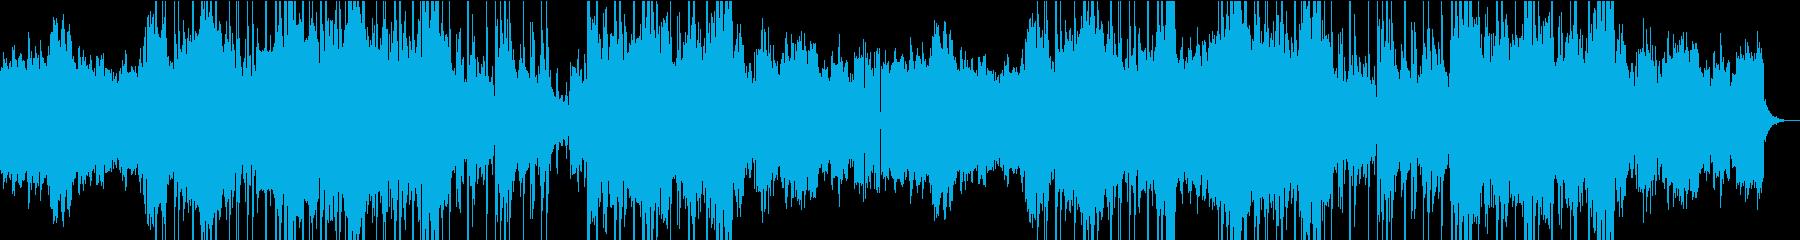 重厚な雰囲気のシンセアイザーが特徴な曲の再生済みの波形